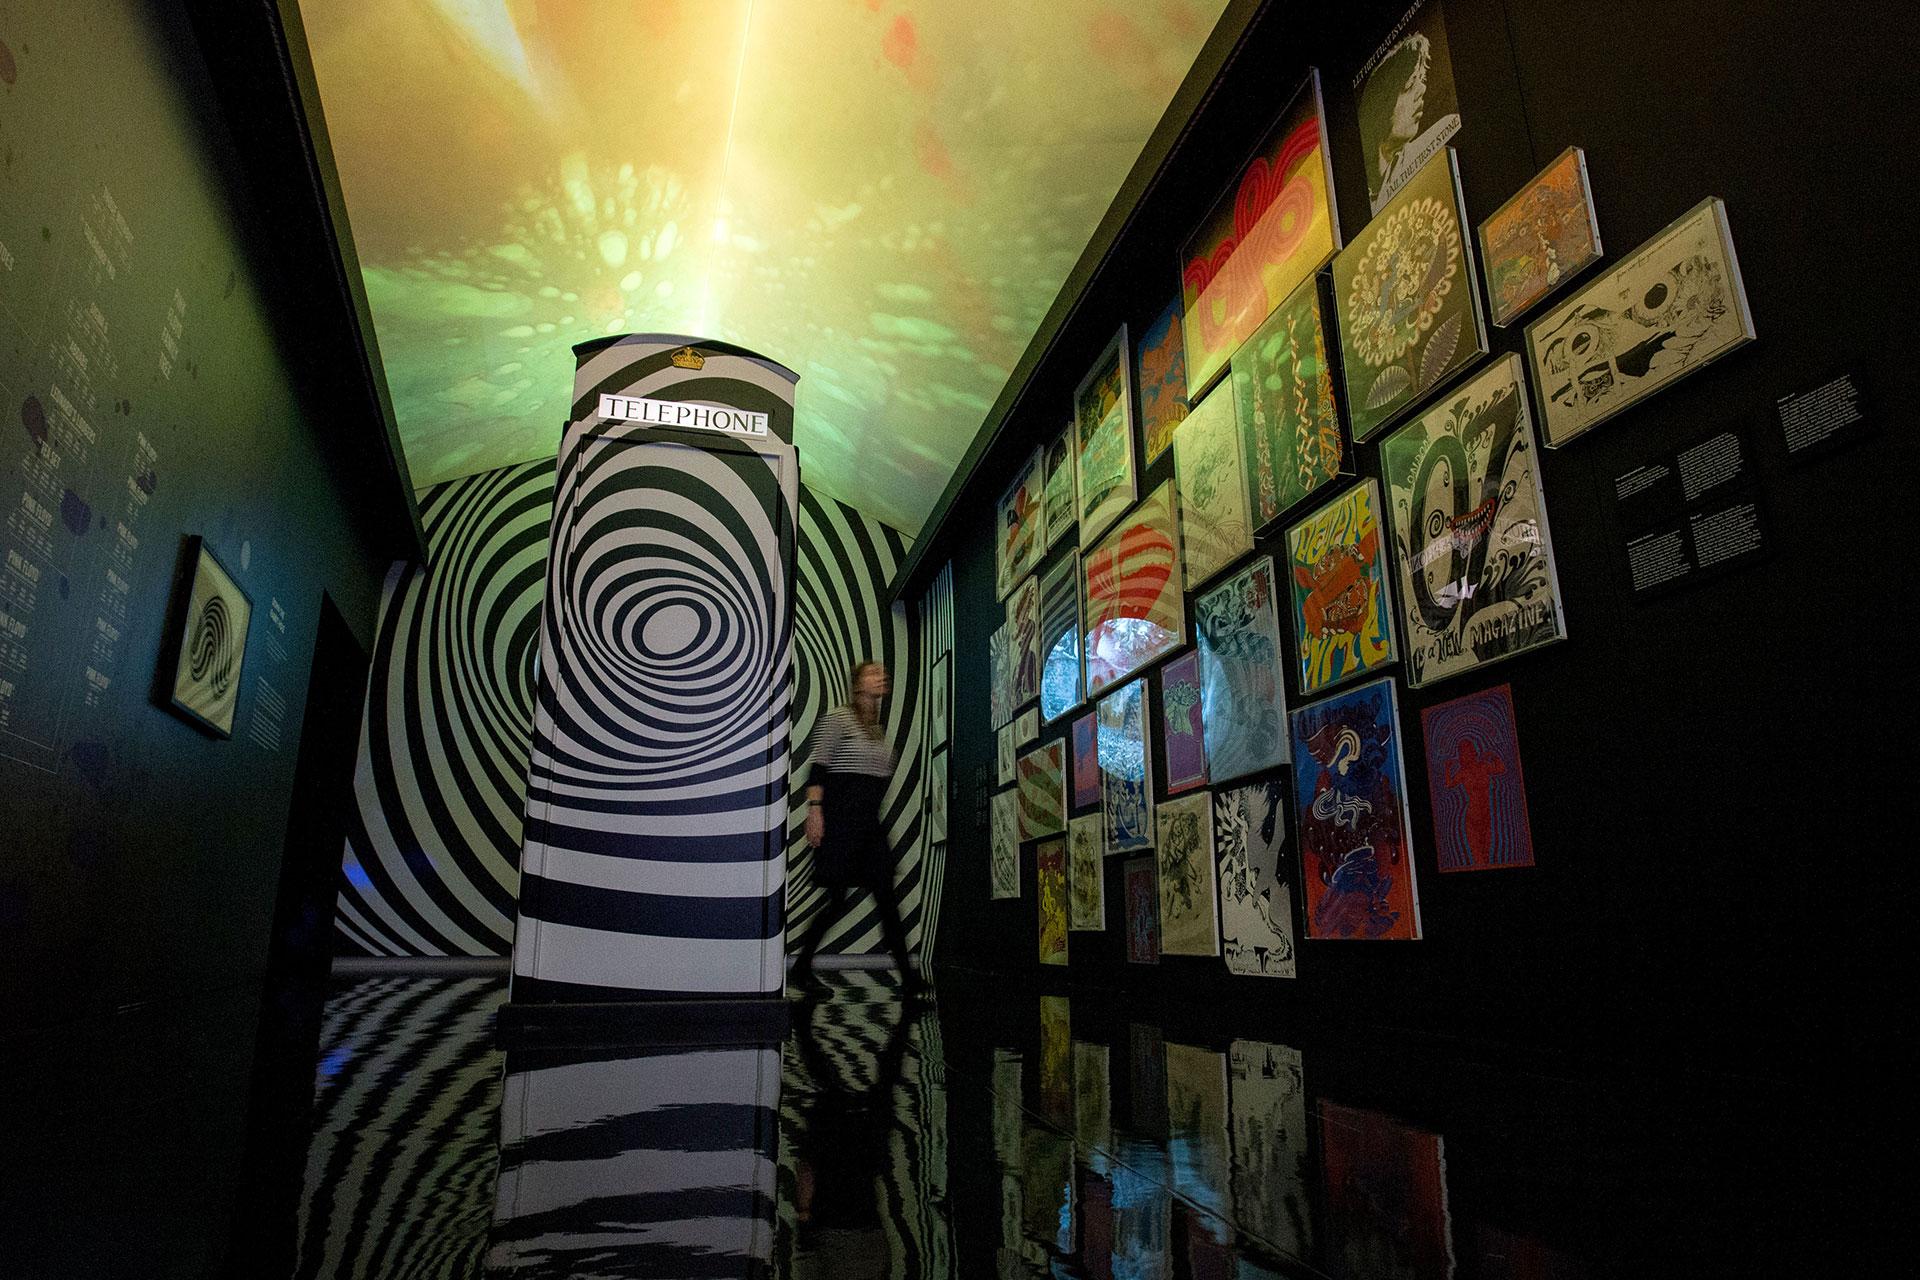 Una cabina telefónica inspirada en el UFO club de Londres junto a pinturas del artista inglésBridget Riley (AFP)